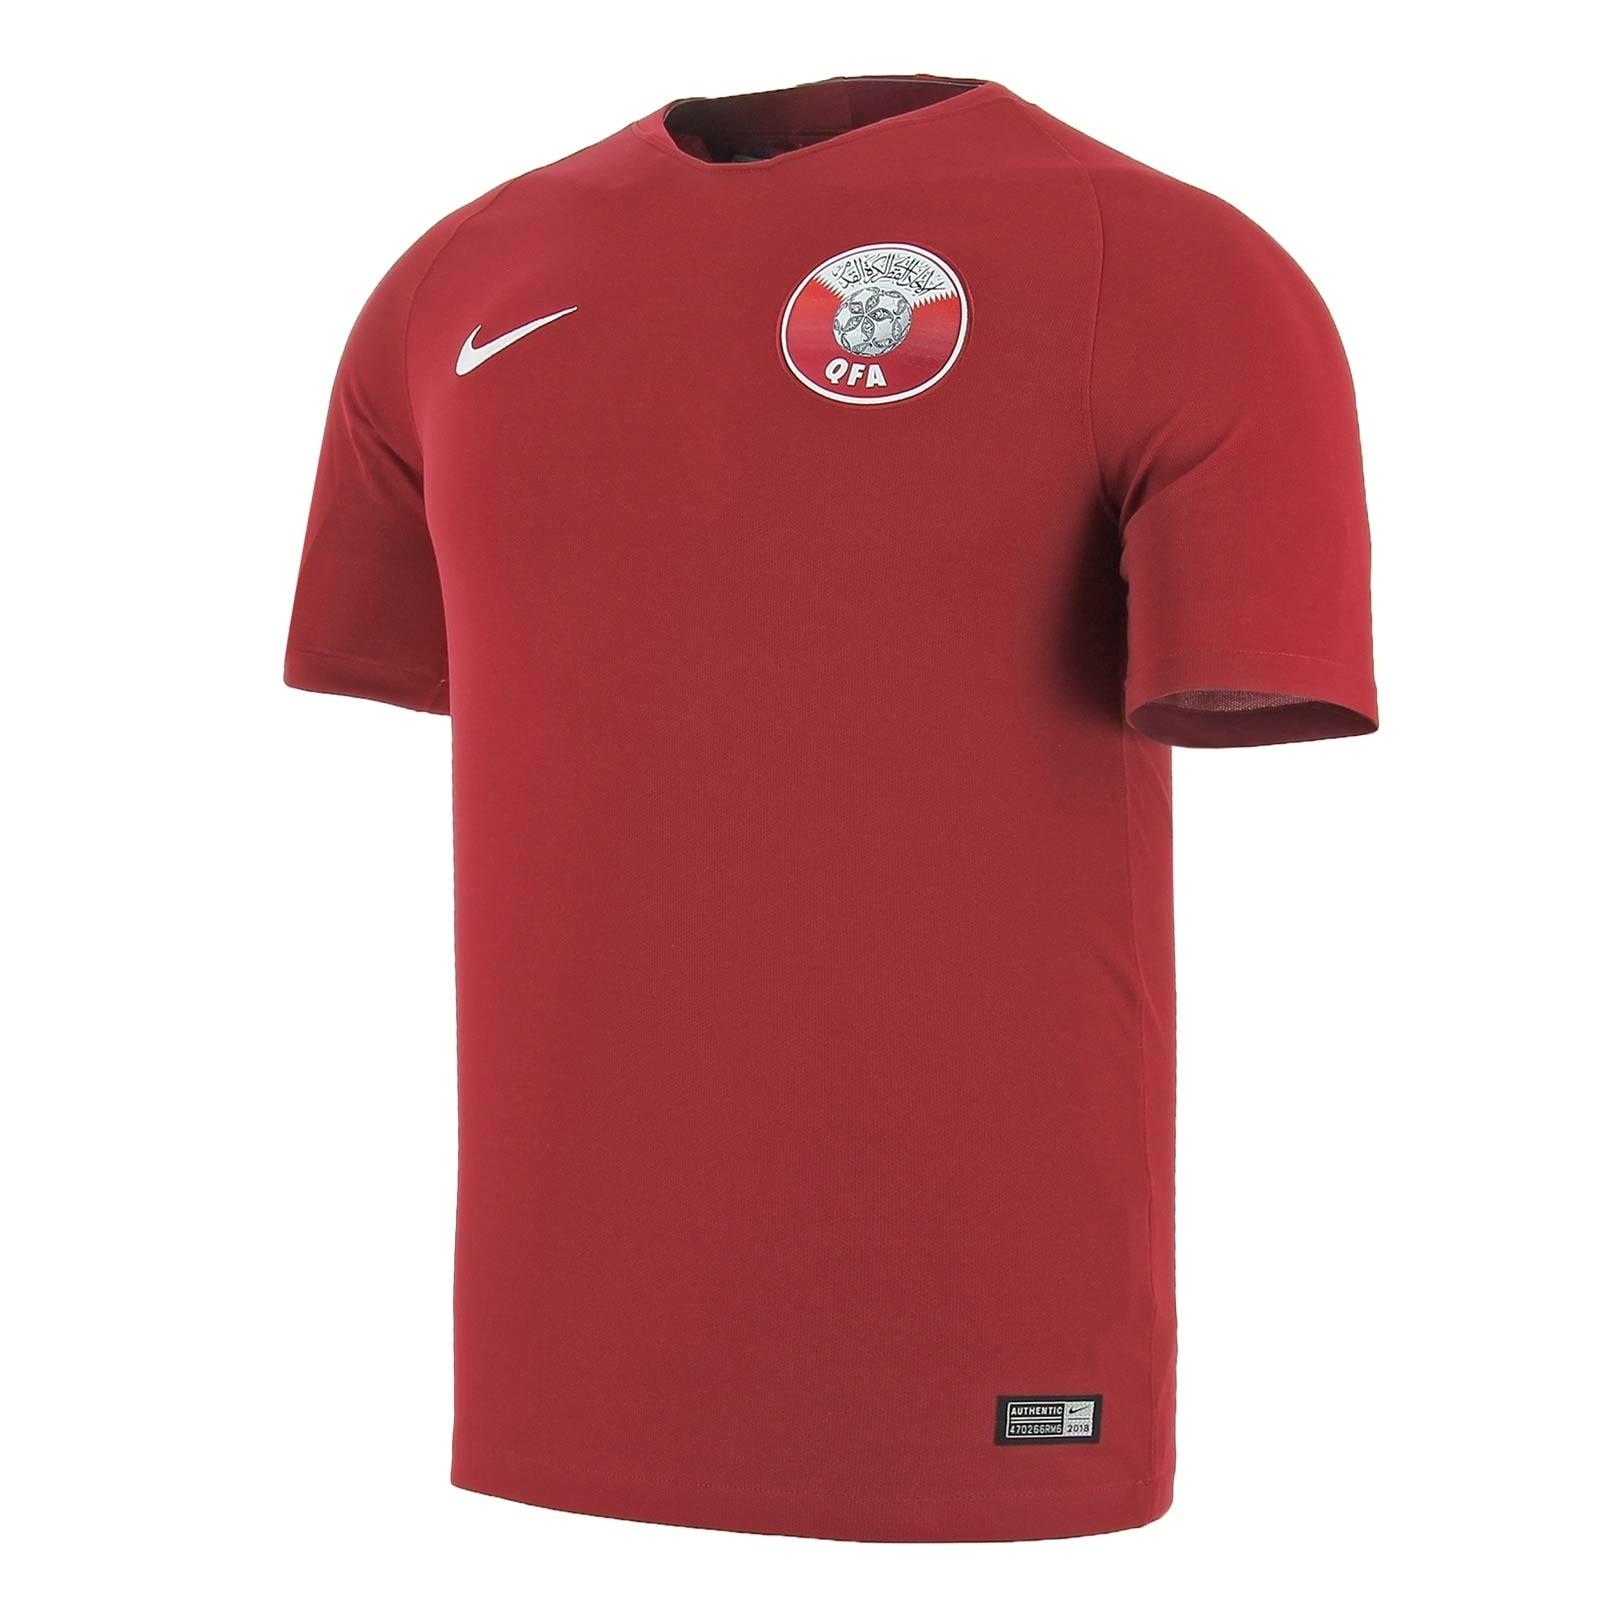 6e8dd27b0 Qatar 2018-2019 Home Shirt  893894-663  -  101.47 Teamzo.com